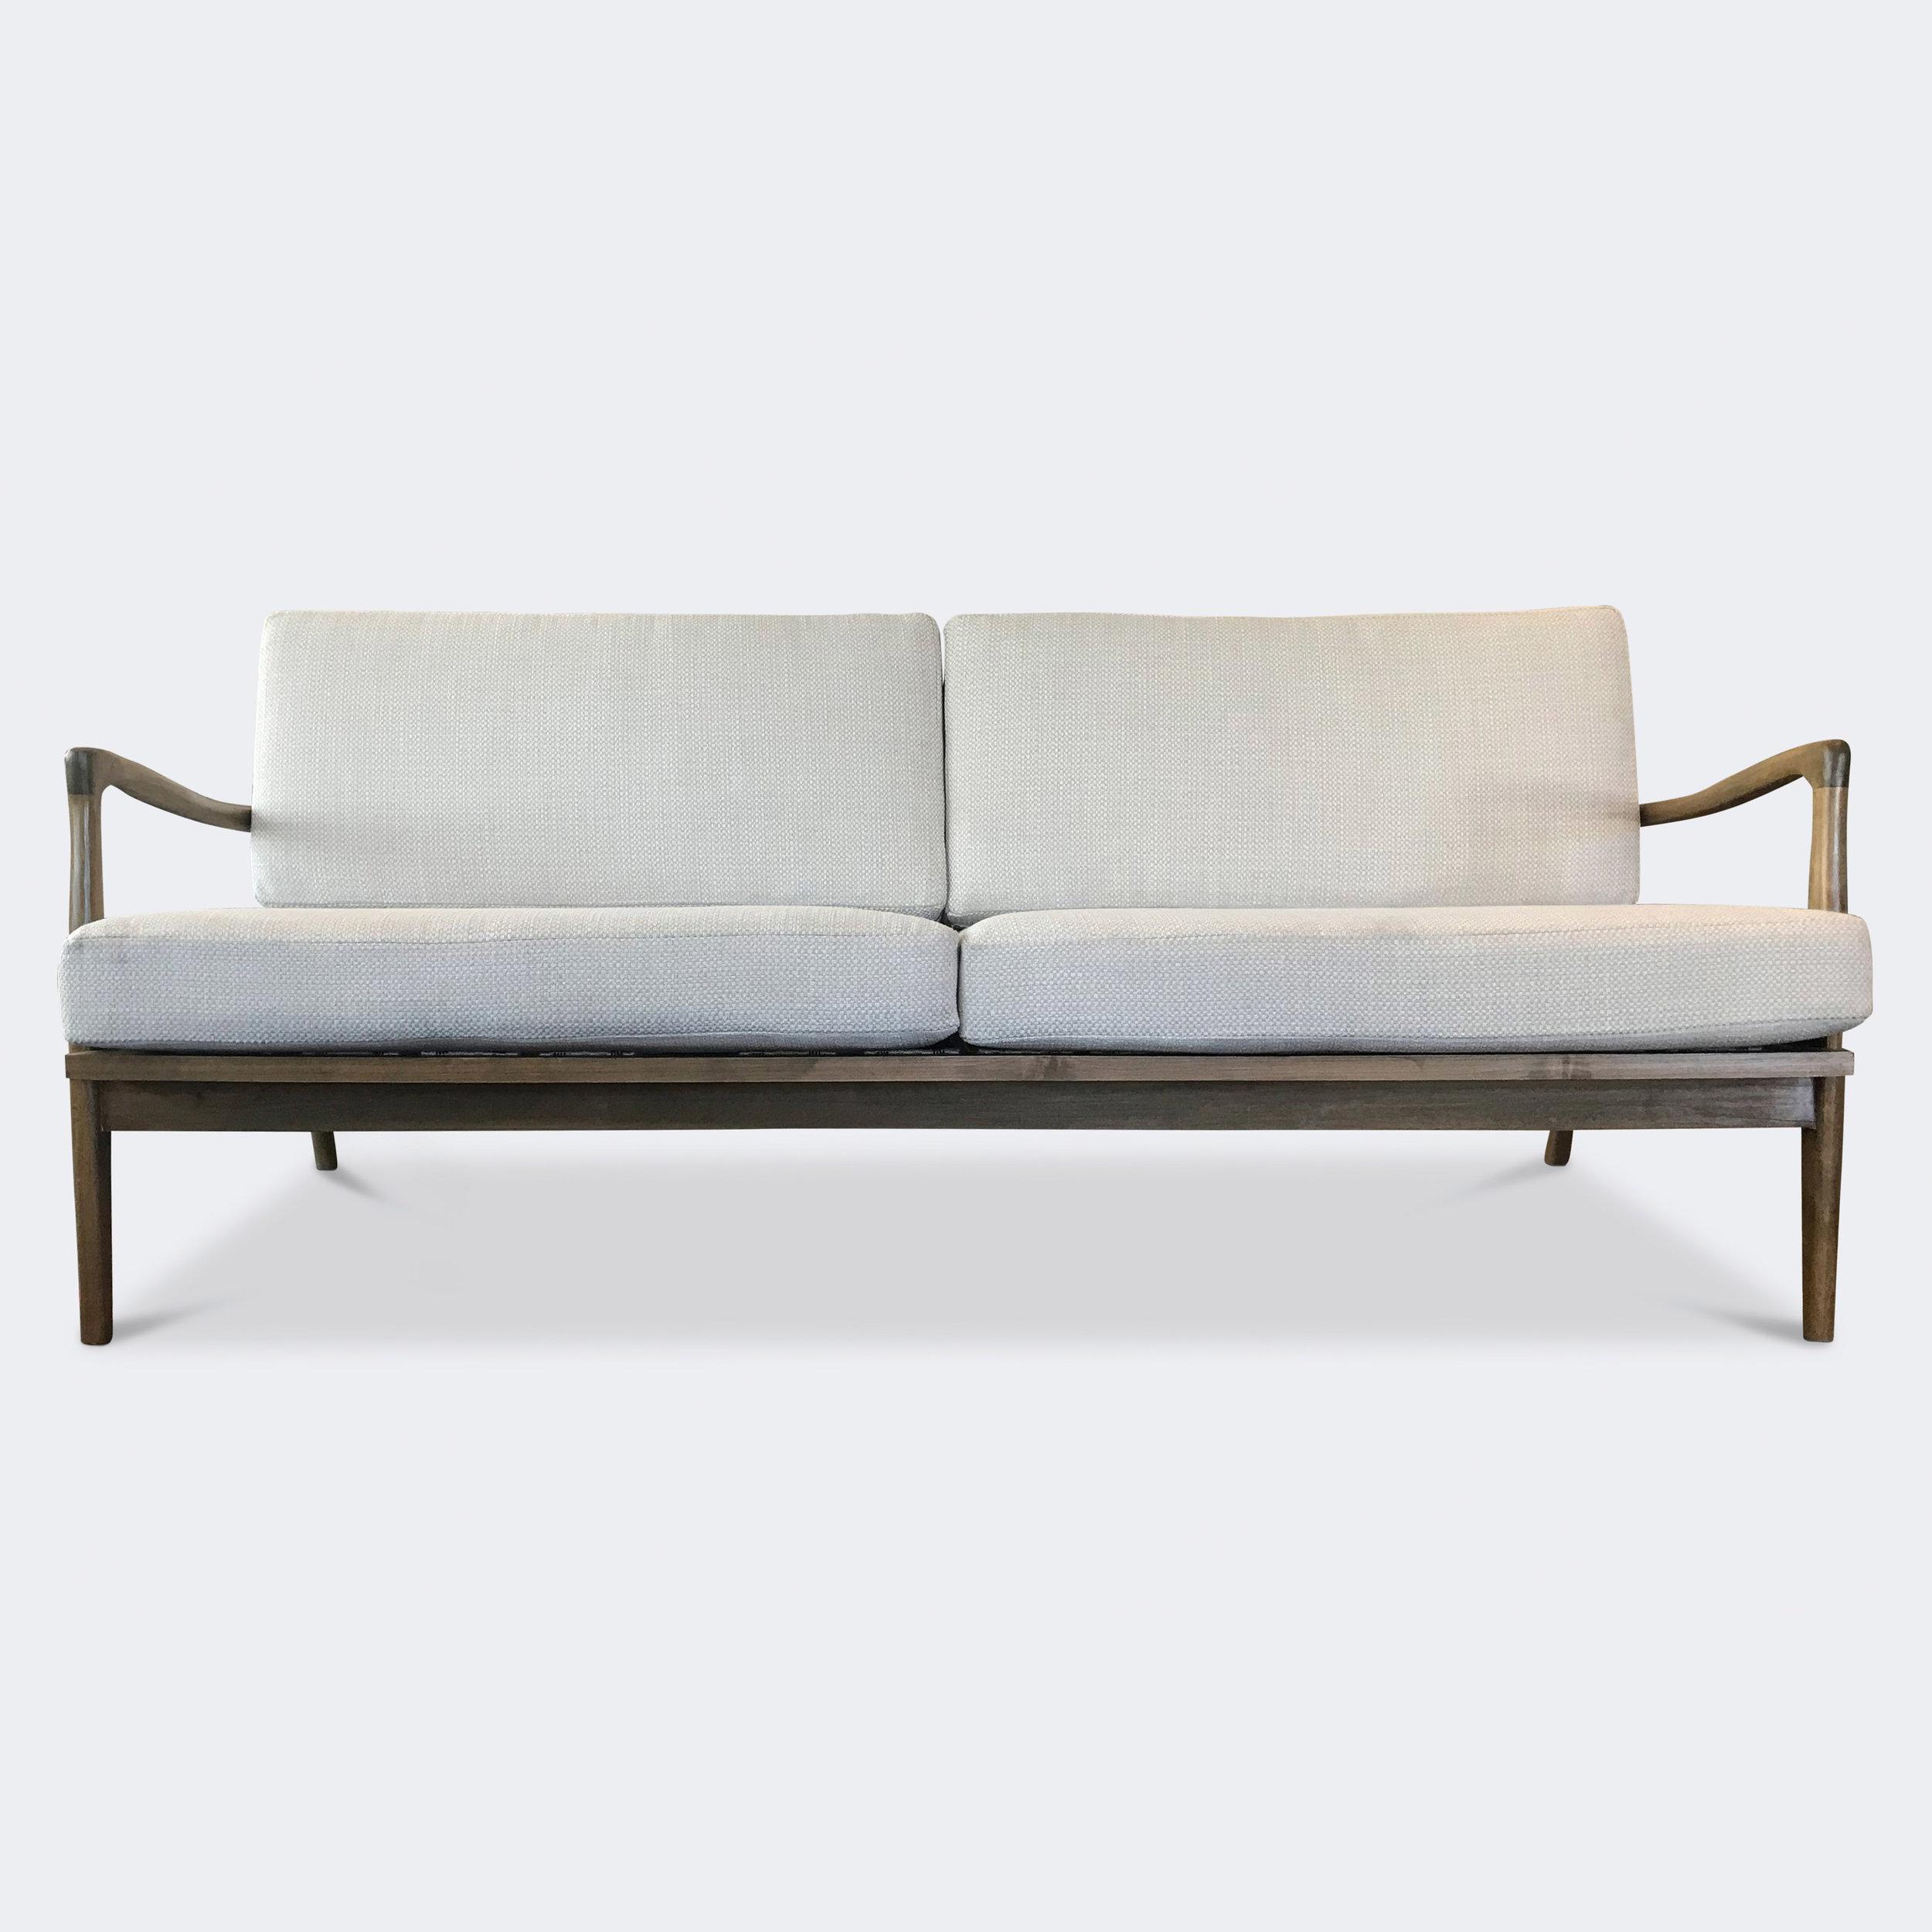 The deKor Sofa